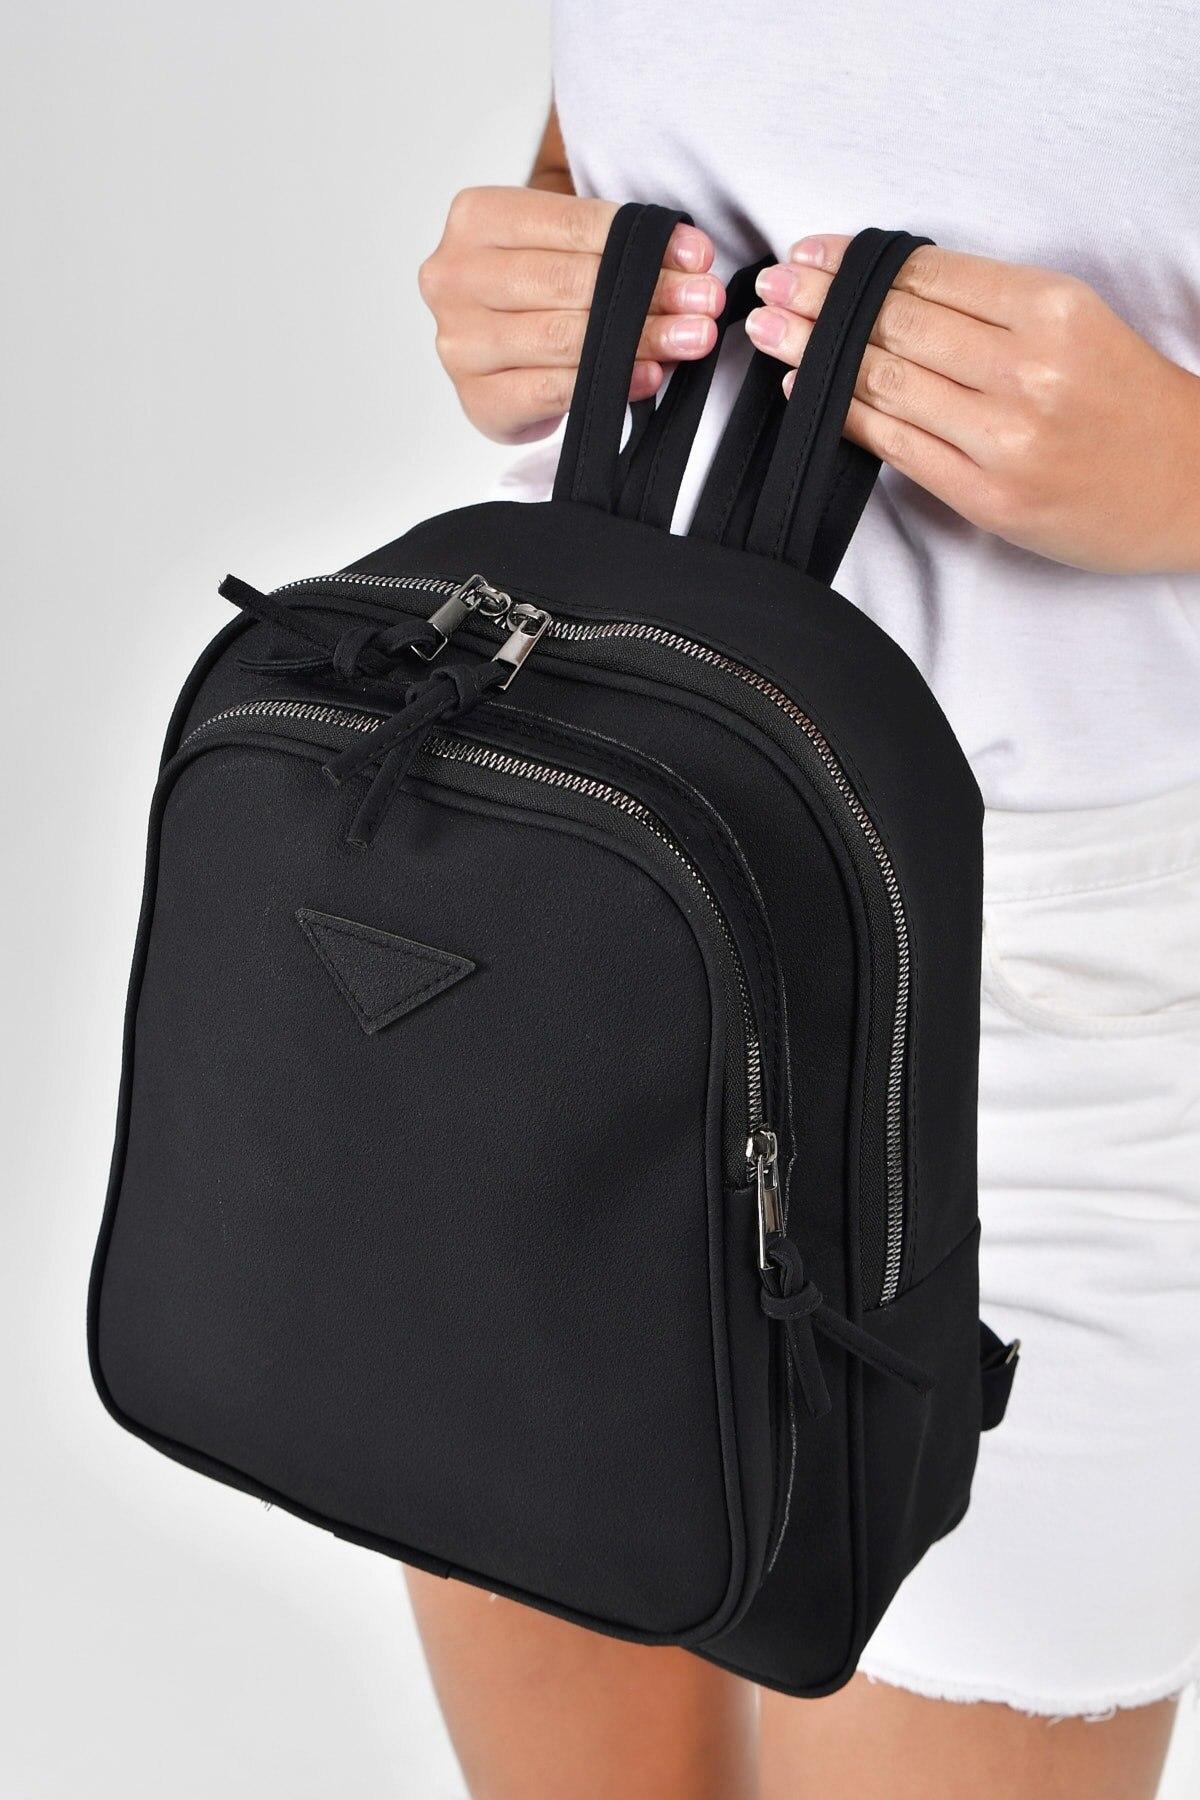 Замшевый рюкзак с двумя отделениями, женский кожаный рюкзак, высококачественный Женский винтажный рюкзак для девочек, школьная сумка для п...